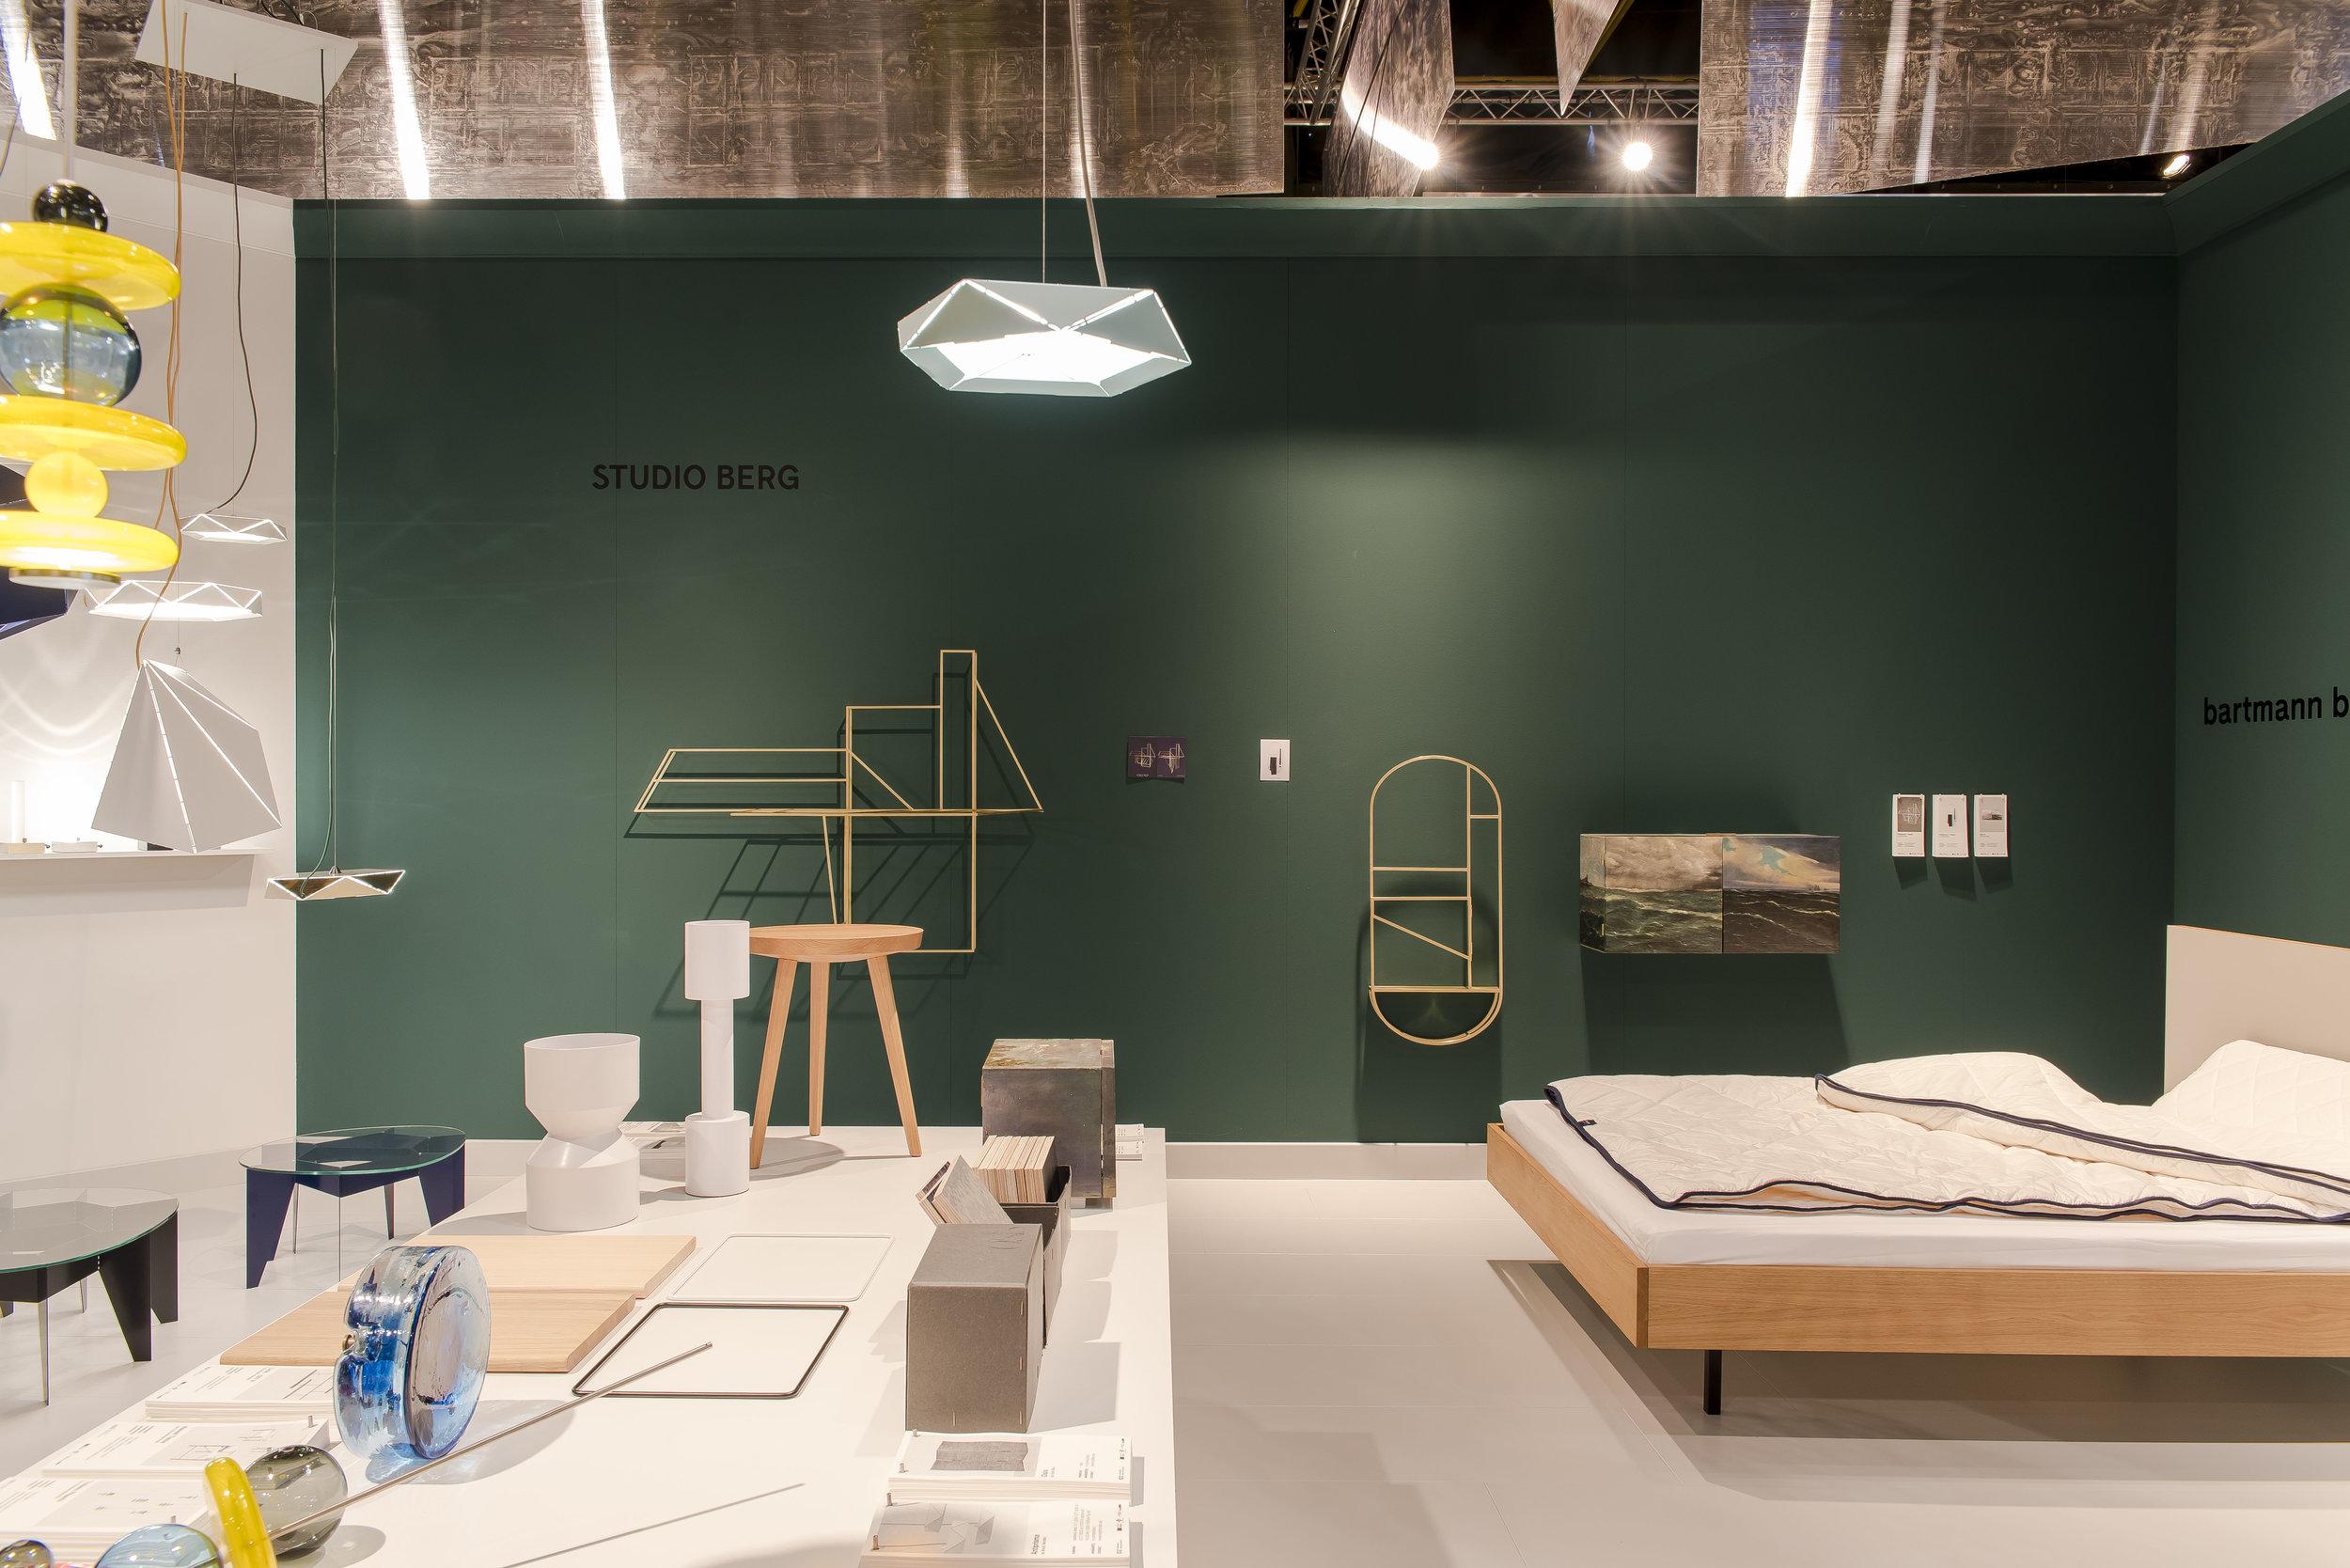 berlin-design-selection-kortrijk_tradefair-exhibition-design_coordination-berlin_04.jpg